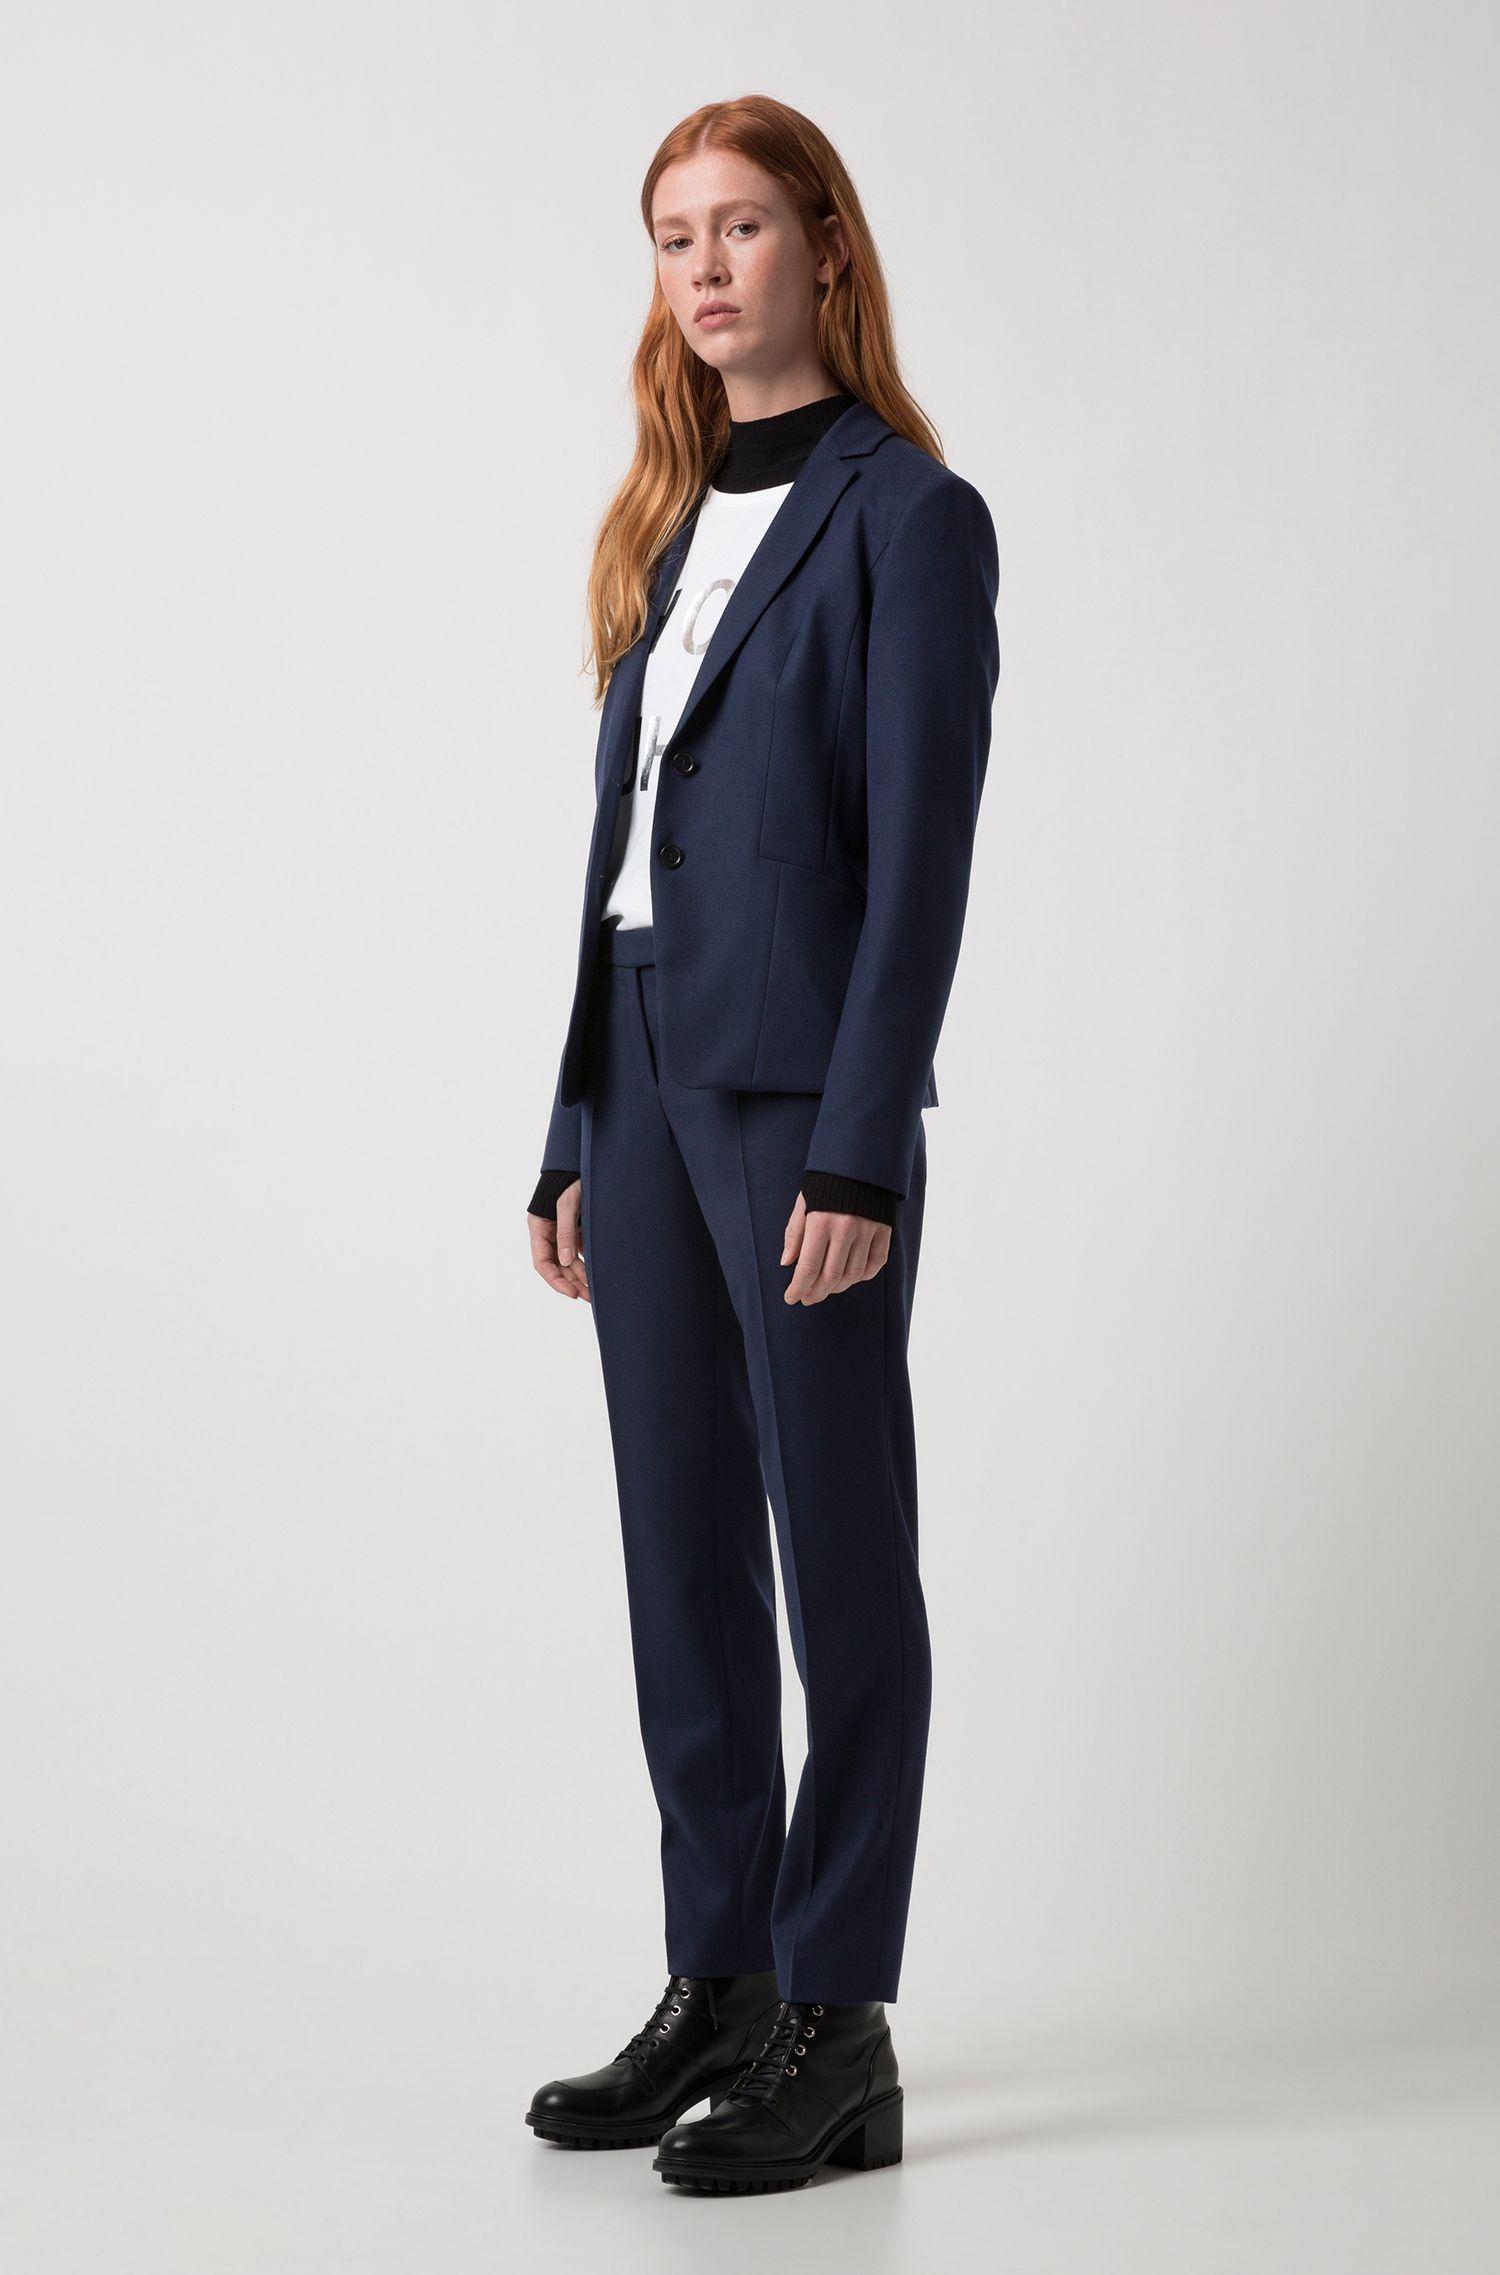 Niedrig Kosten Für Verkauf Billig Verkauf Neueste Slim-Fit Hose aus elastischem Schurwoll-Mix: Harile-3 HUGO BOSS Ausgezeichnete Online Perfekt Zum Verkauf Der Günstigste Günstige Preis Sq9EEvbzV